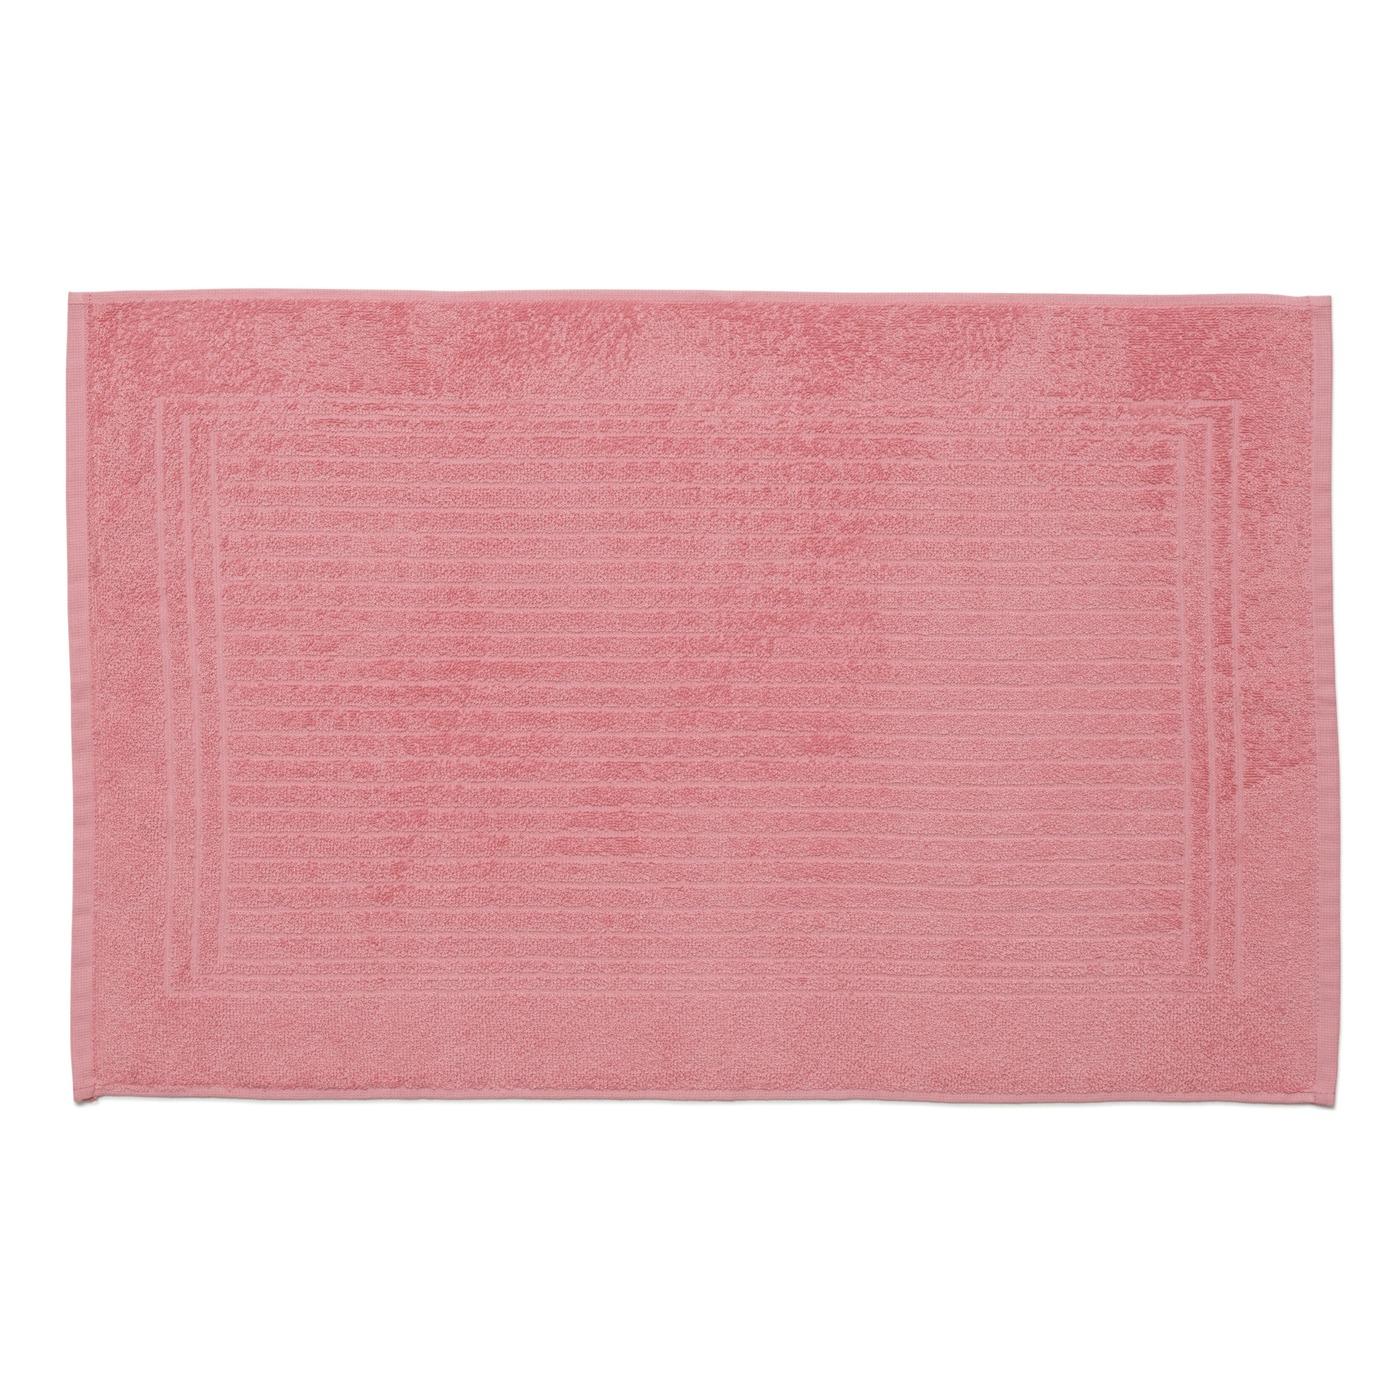 Toalha de Piso Cedro Rosa 45x70 cm 100 Algodao - Santista